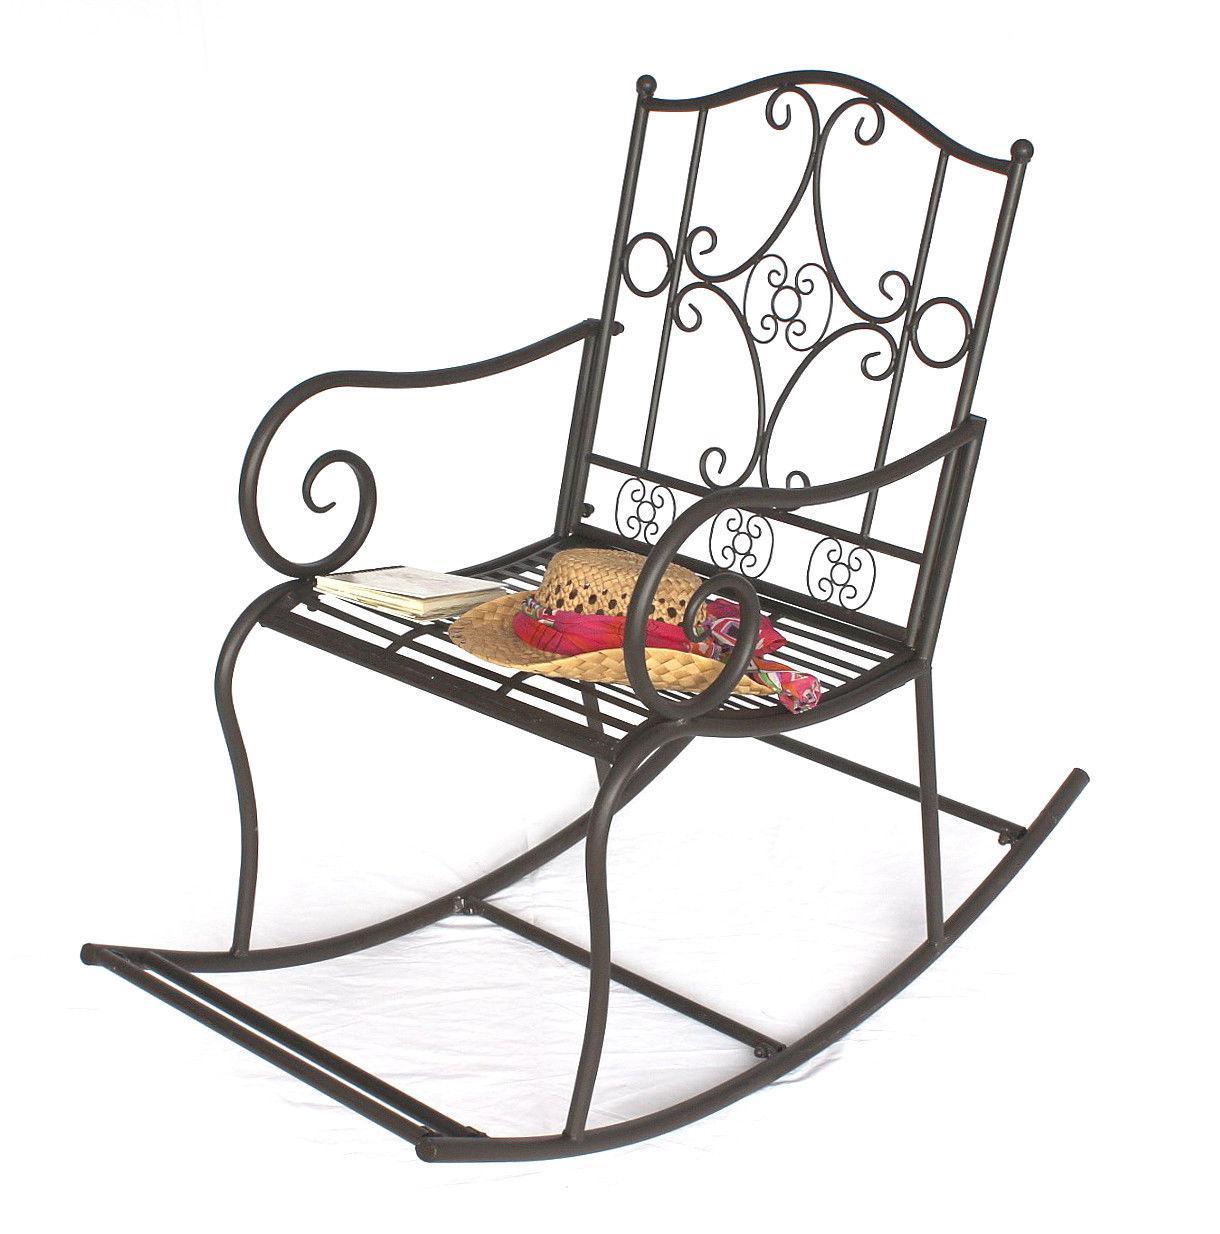 schaukelstuhl metall gartenstuhl 140490 stuhl schwingsessel schaukel braun antik ebay. Black Bedroom Furniture Sets. Home Design Ideas